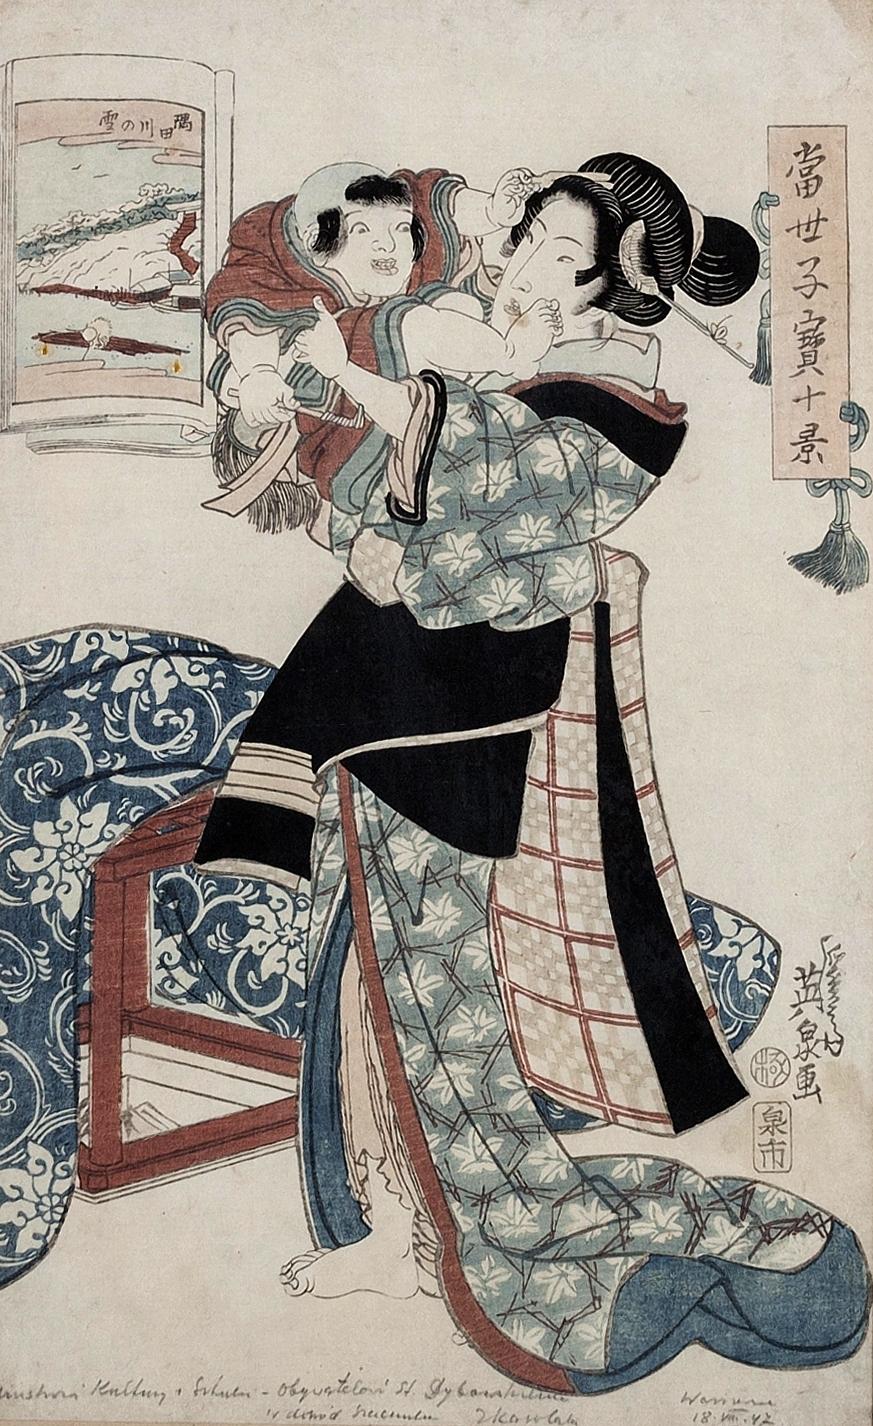 EISEN Keisai (1790 - 1848), Kobieta z chłopcem